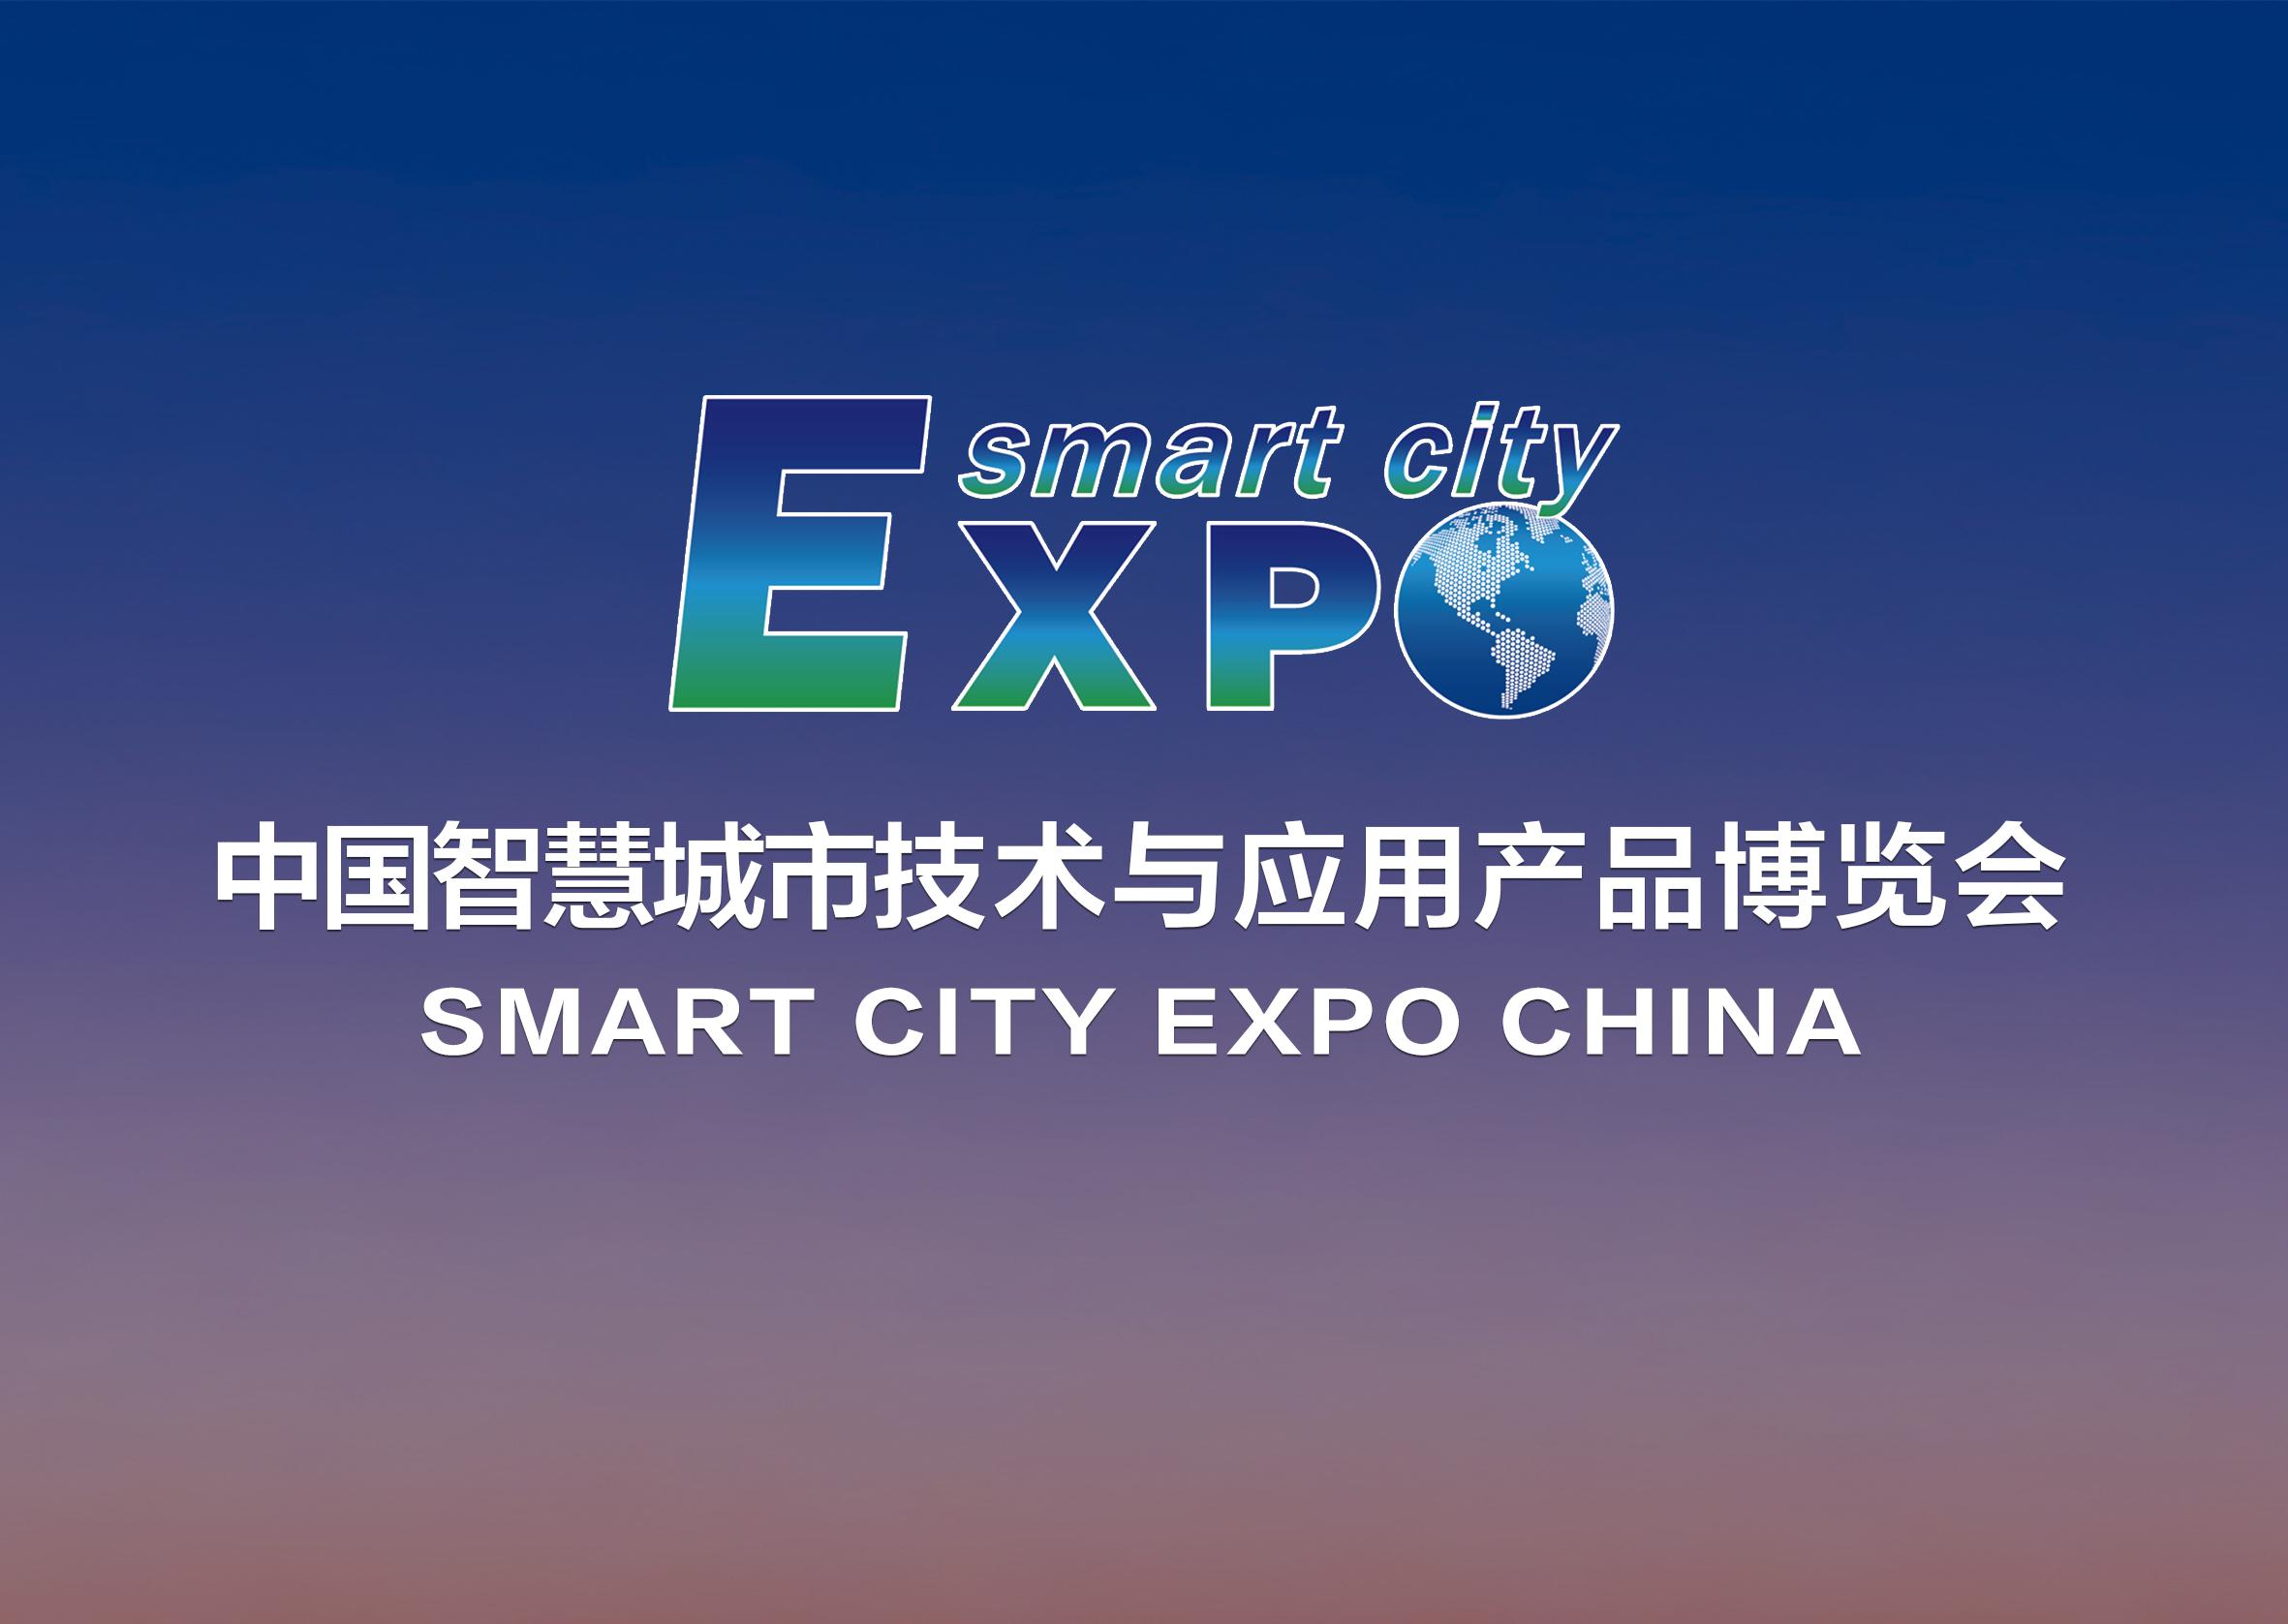 第九届中国智慧城市技术与应用产品博览会